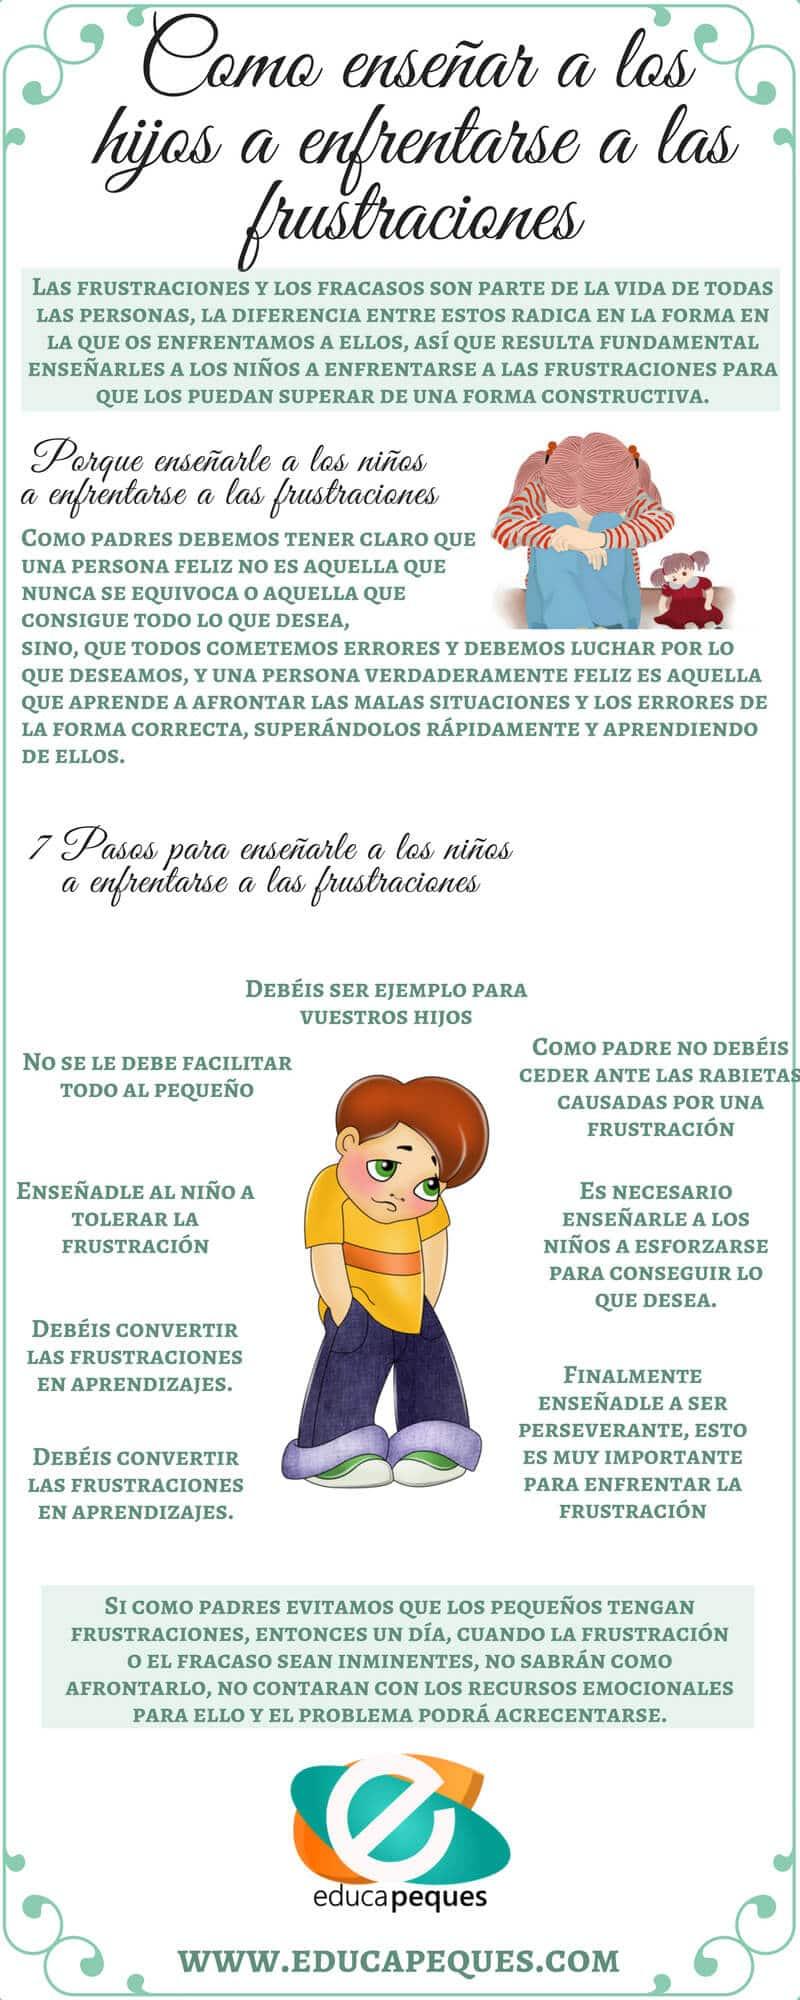 Infografia enseñarle a los niños a enfrentarse a las frustraciones